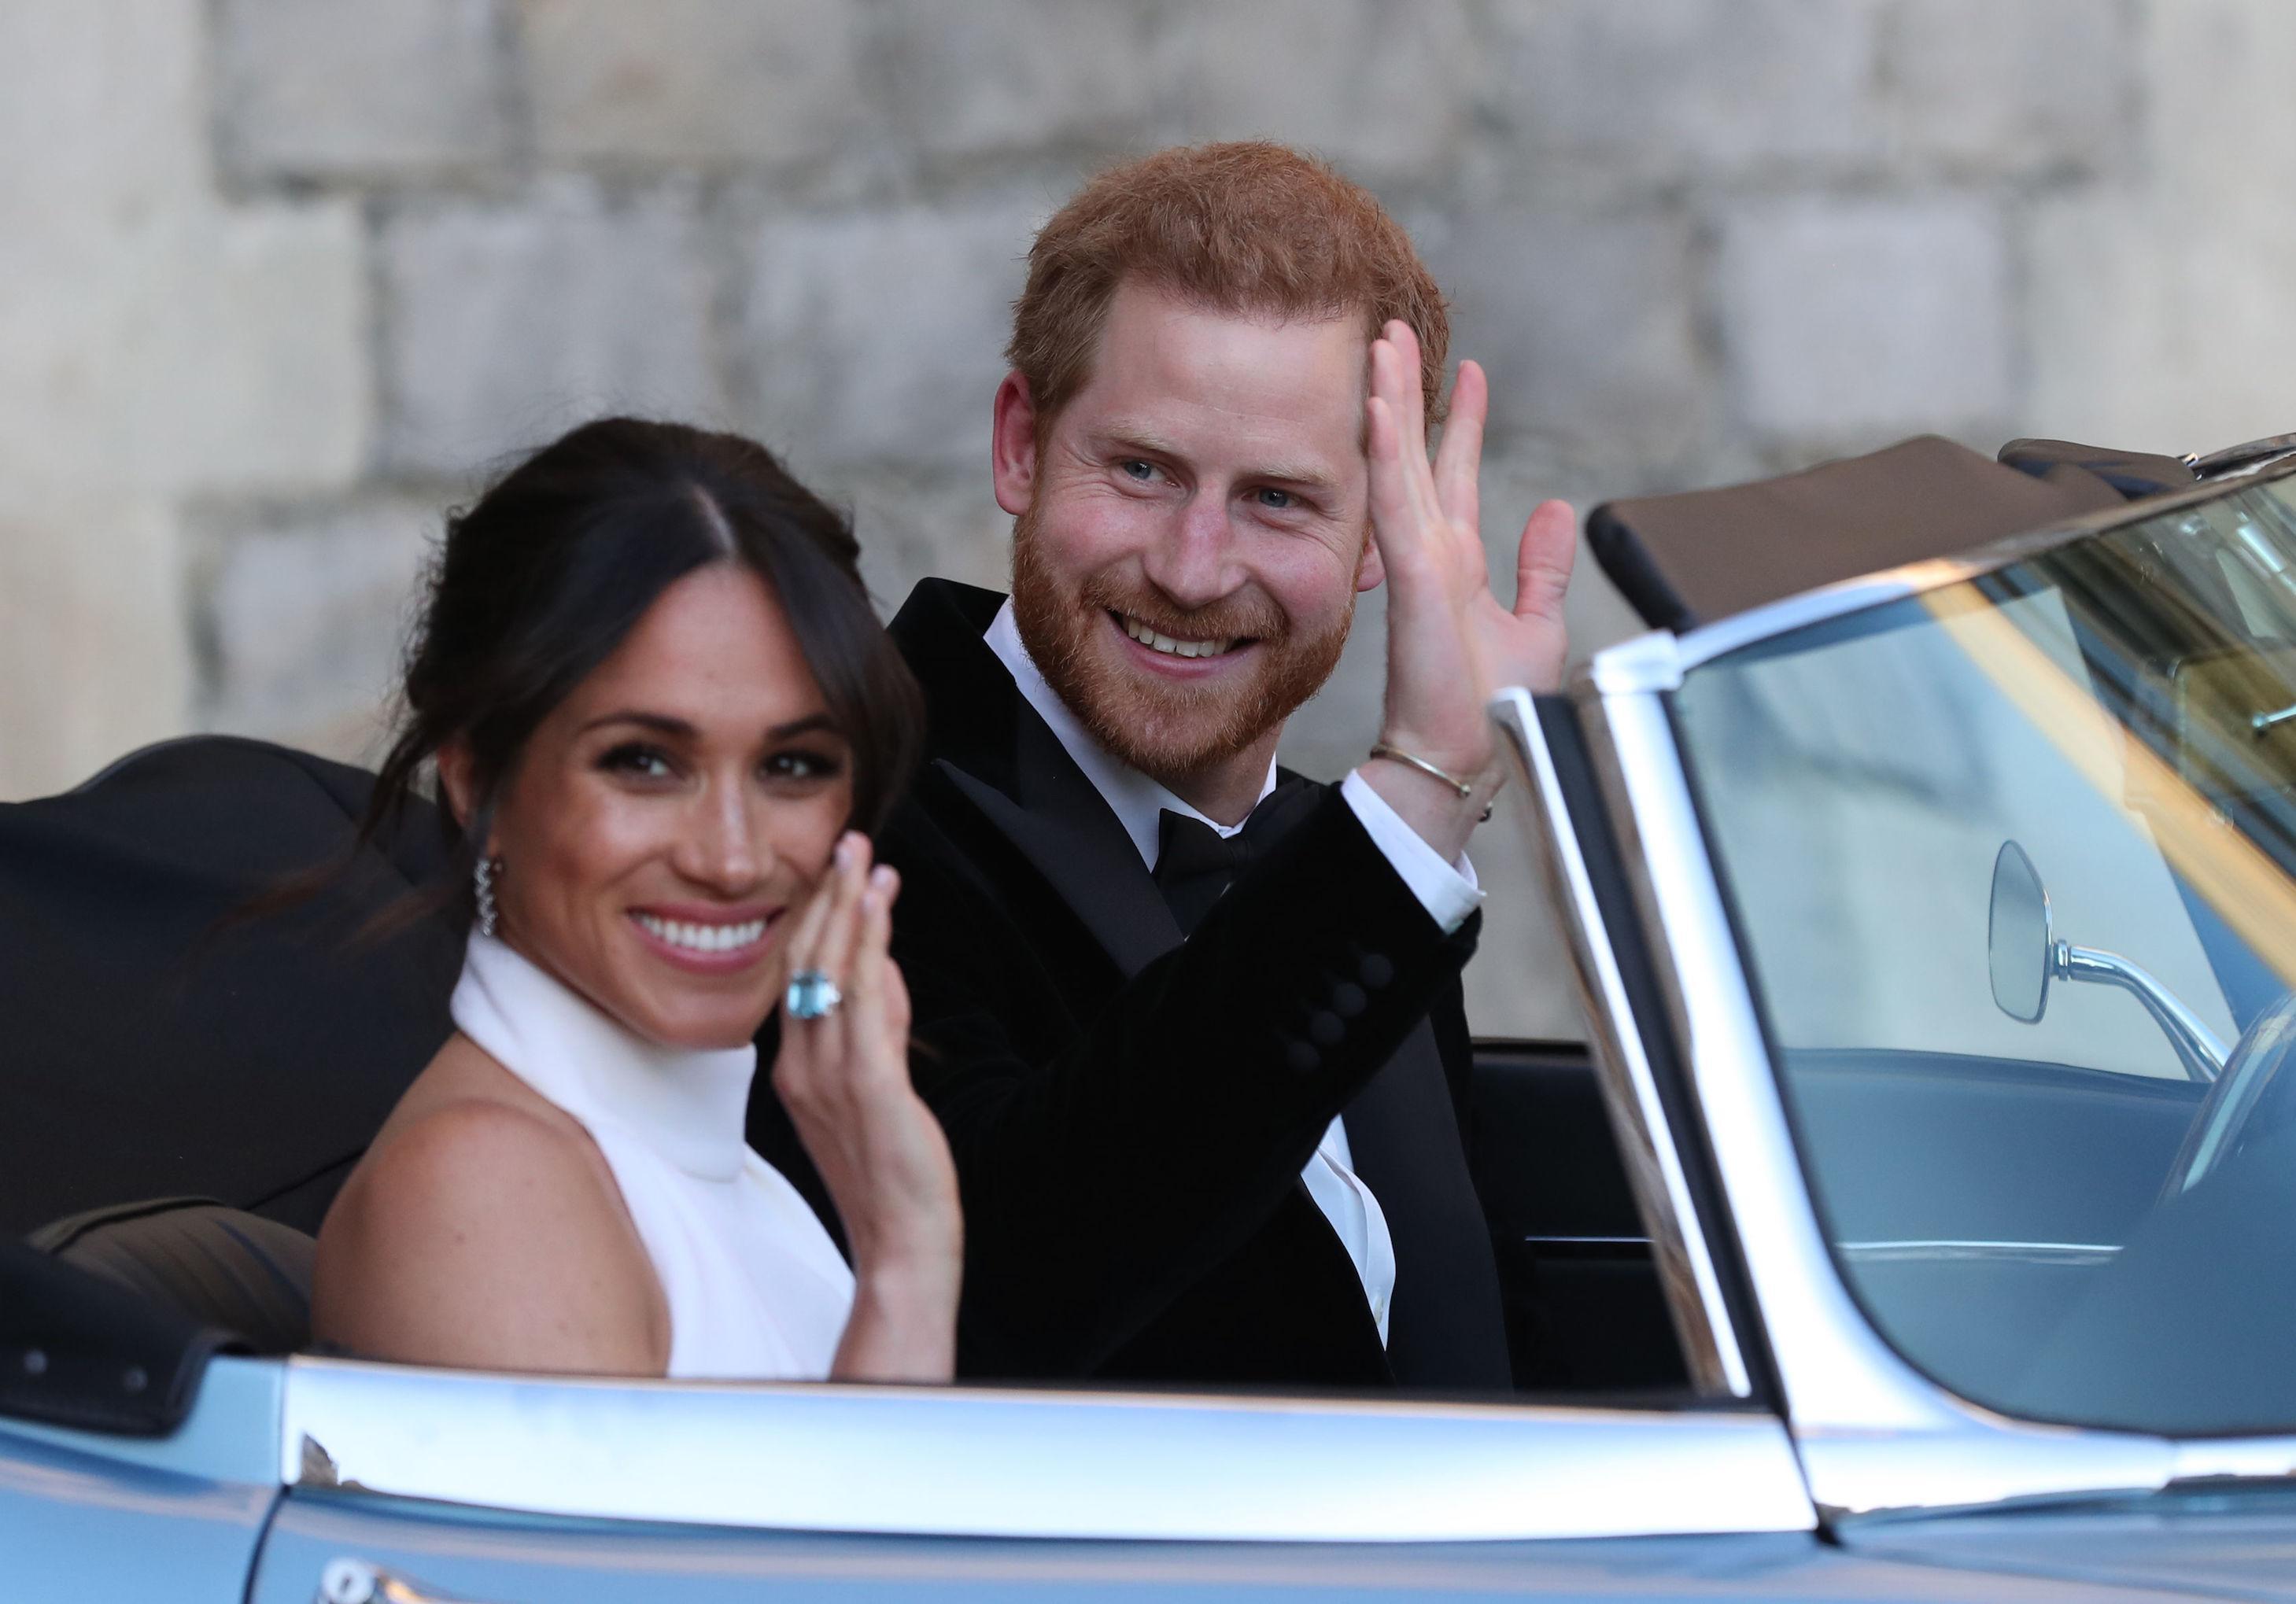 Mariage Princier Le Cadeau Symbolique Dharry à Meghan